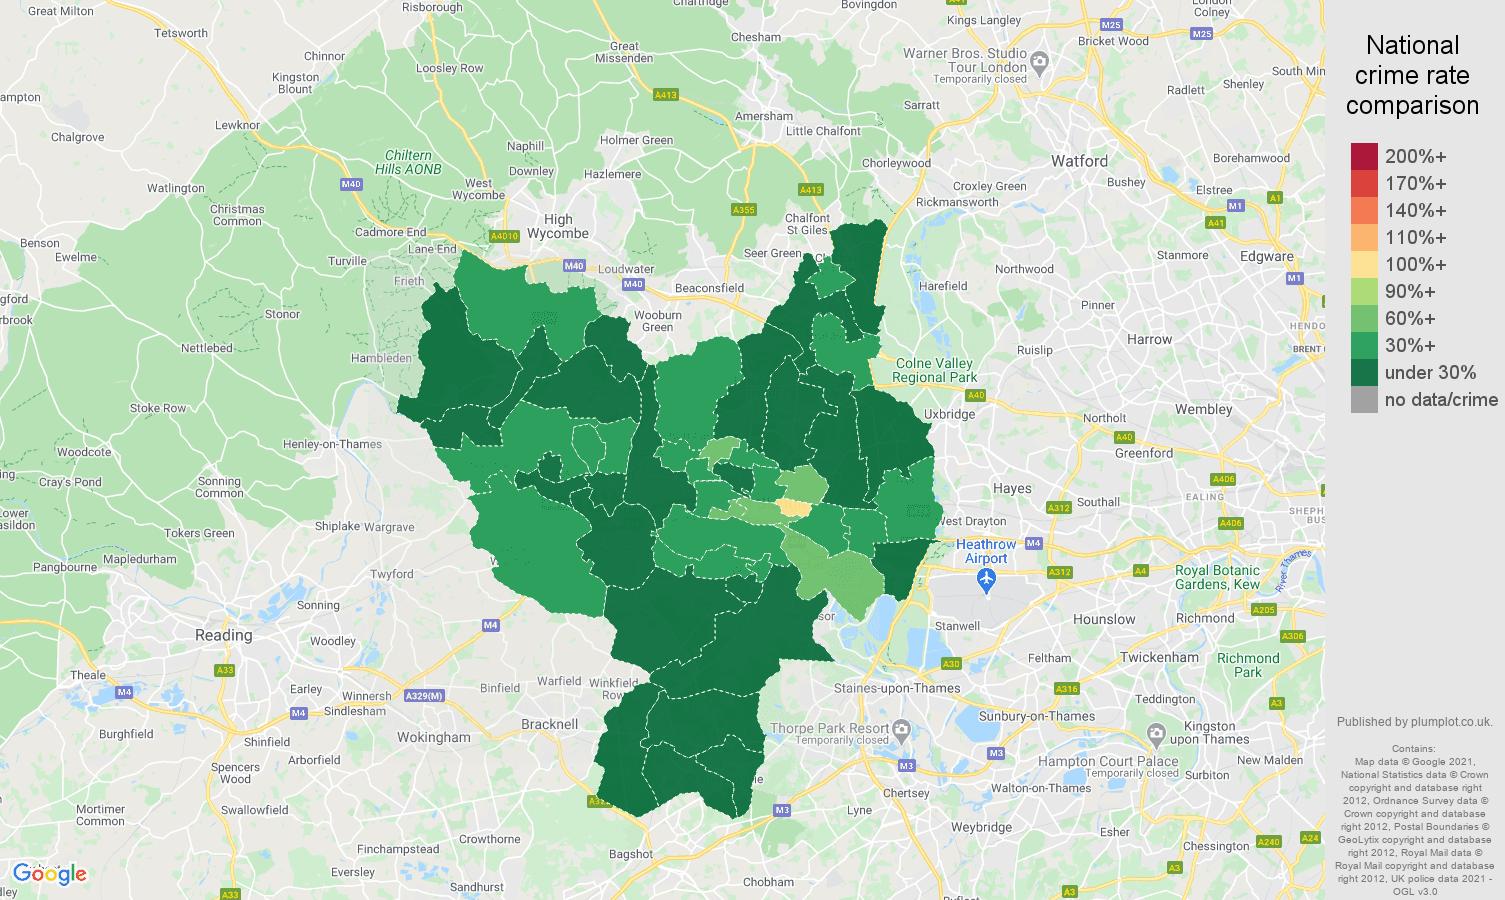 Slough antisocial behaviour crime rate comparison map